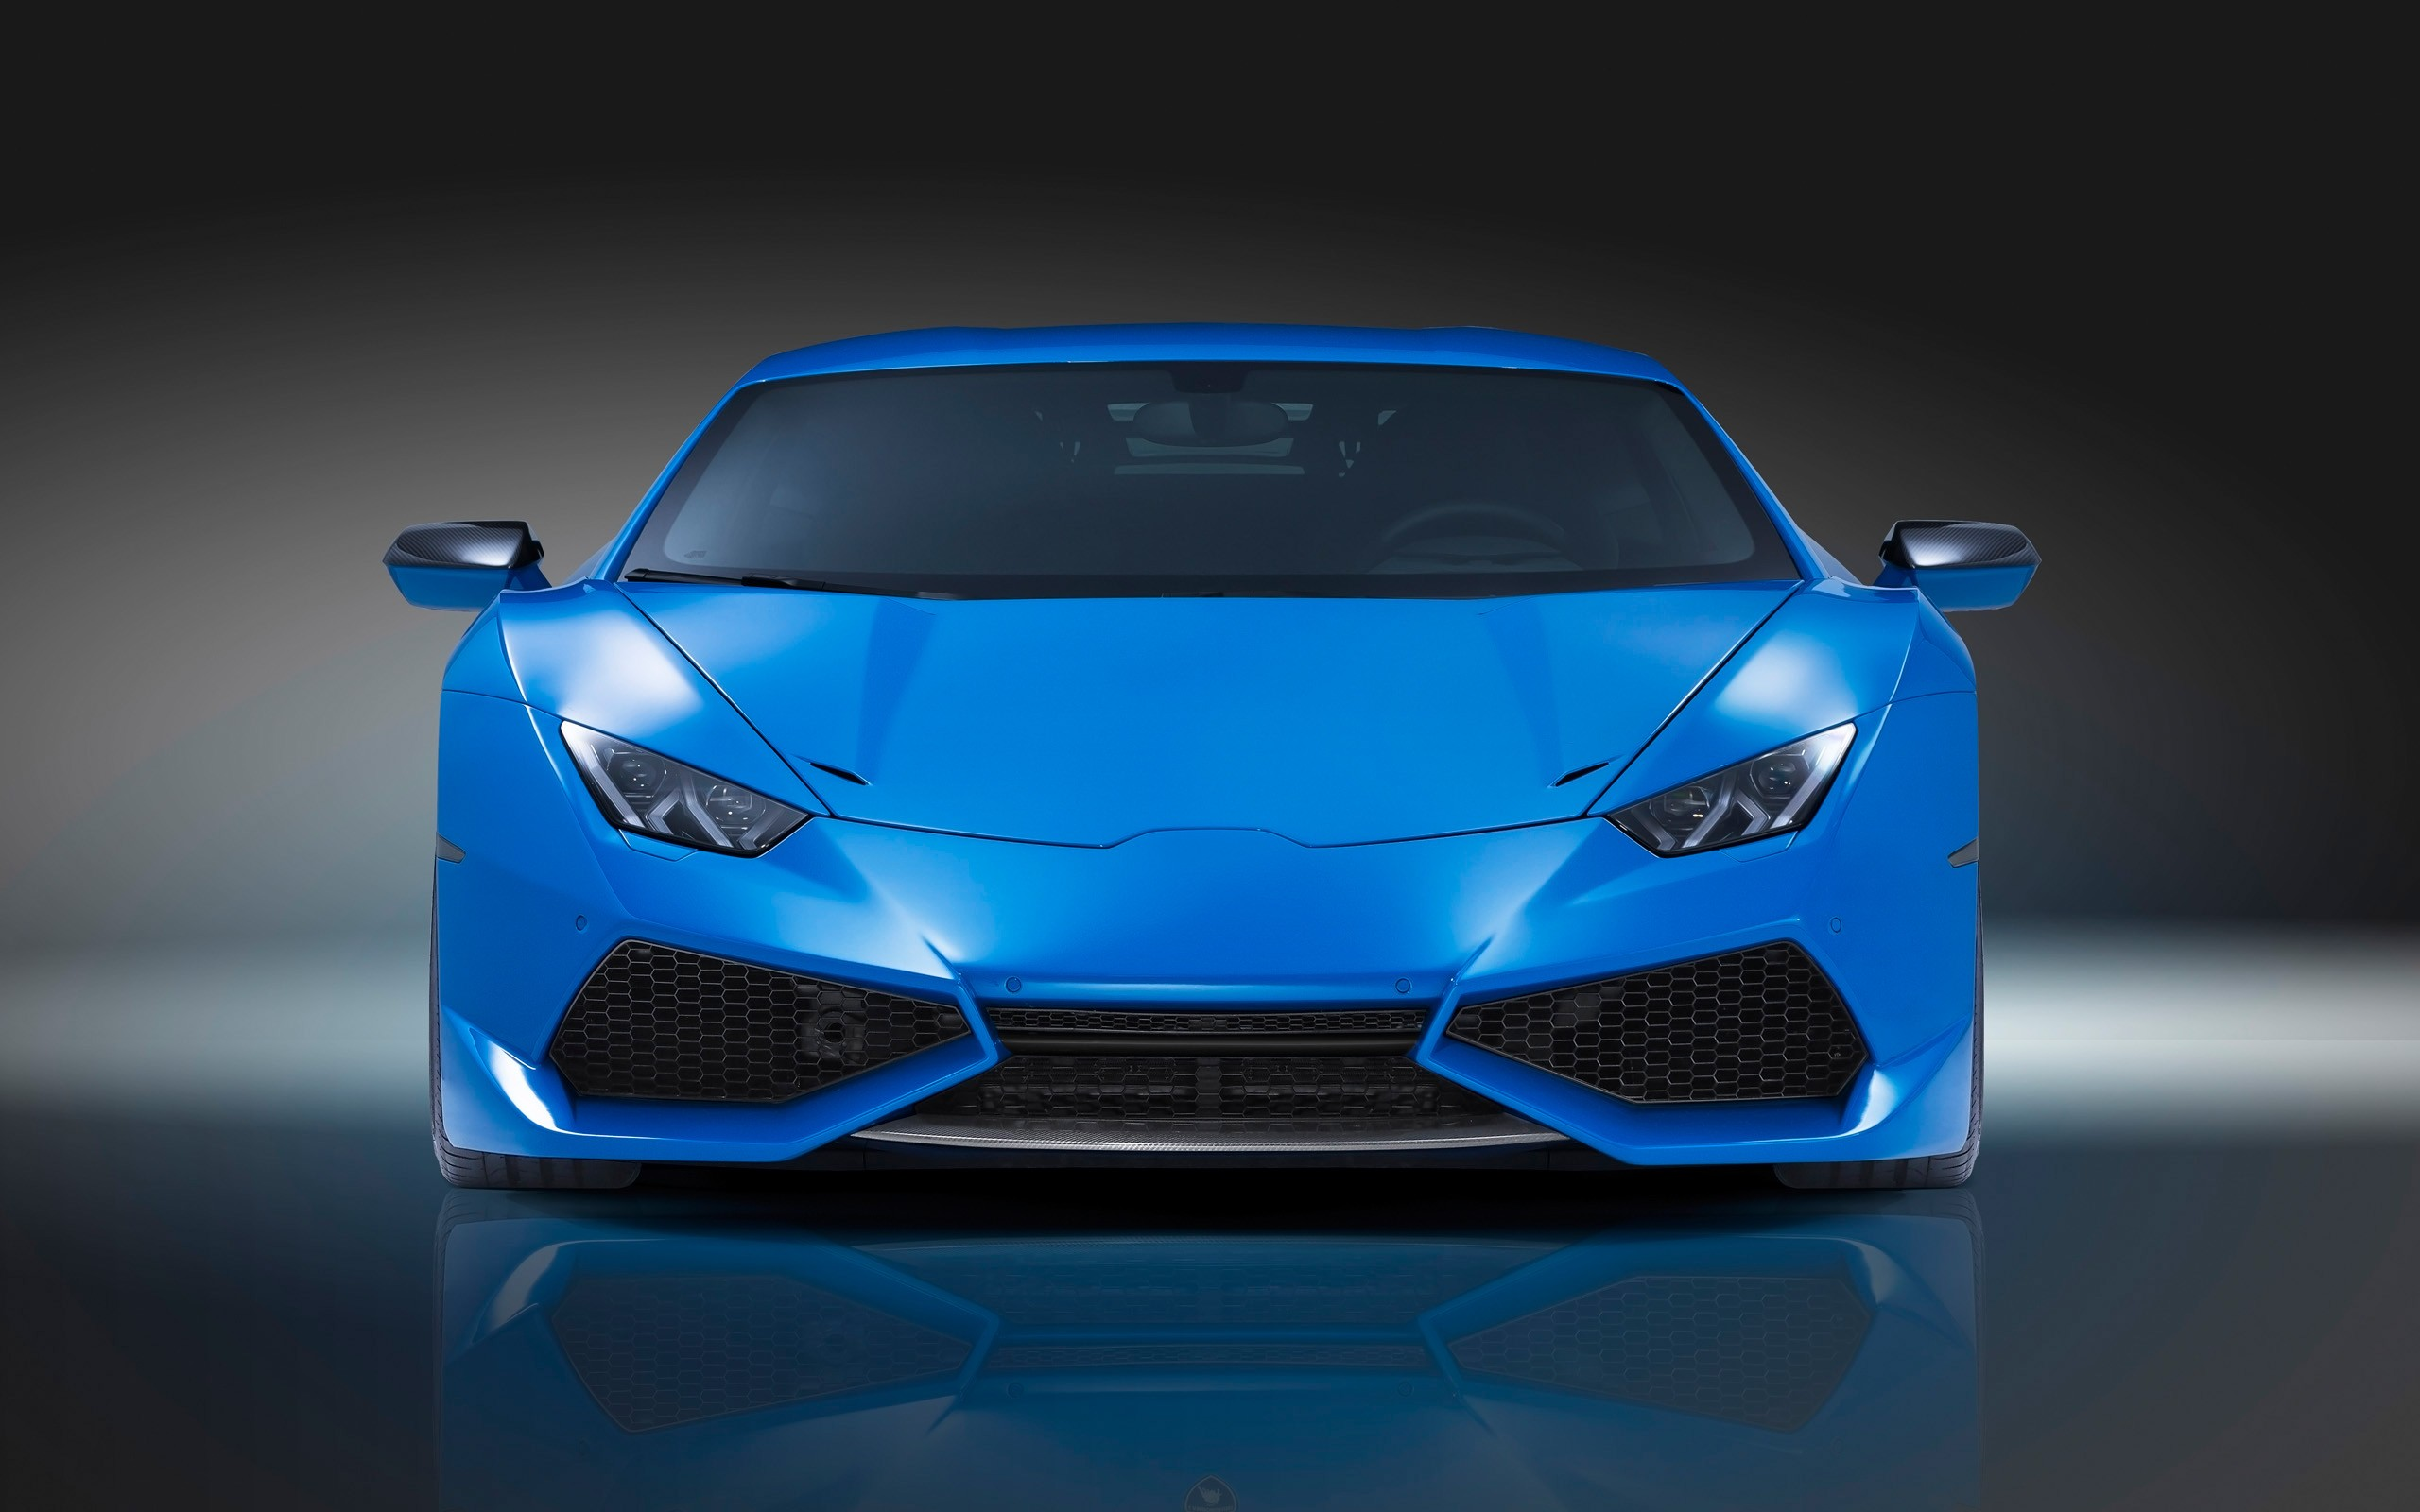 2015 Ares Design Lamborghini Huracan Wallpapers: 2015 Novitec Torado Lamborghini Huracan N Largo 2